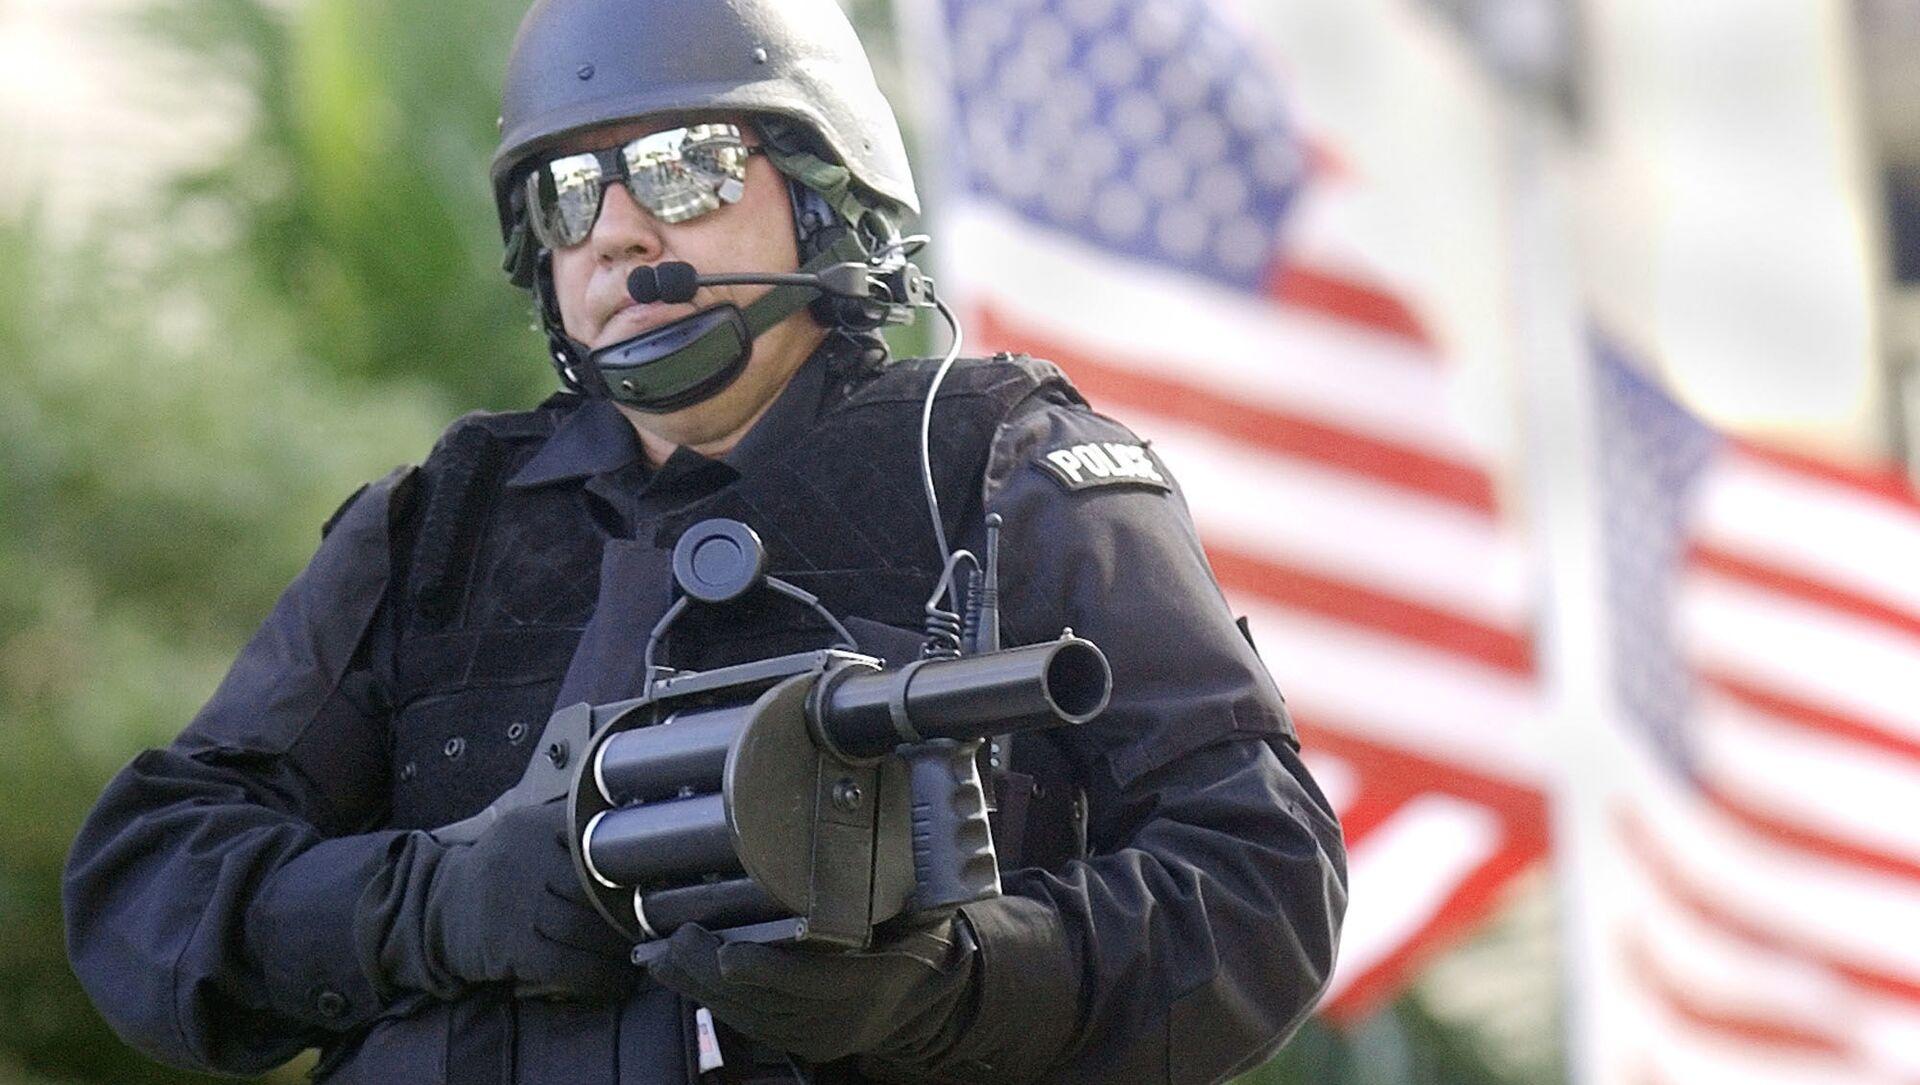 Uzbrojony amerykański policjant - Sputnik Polska, 1920, 21.03.2021